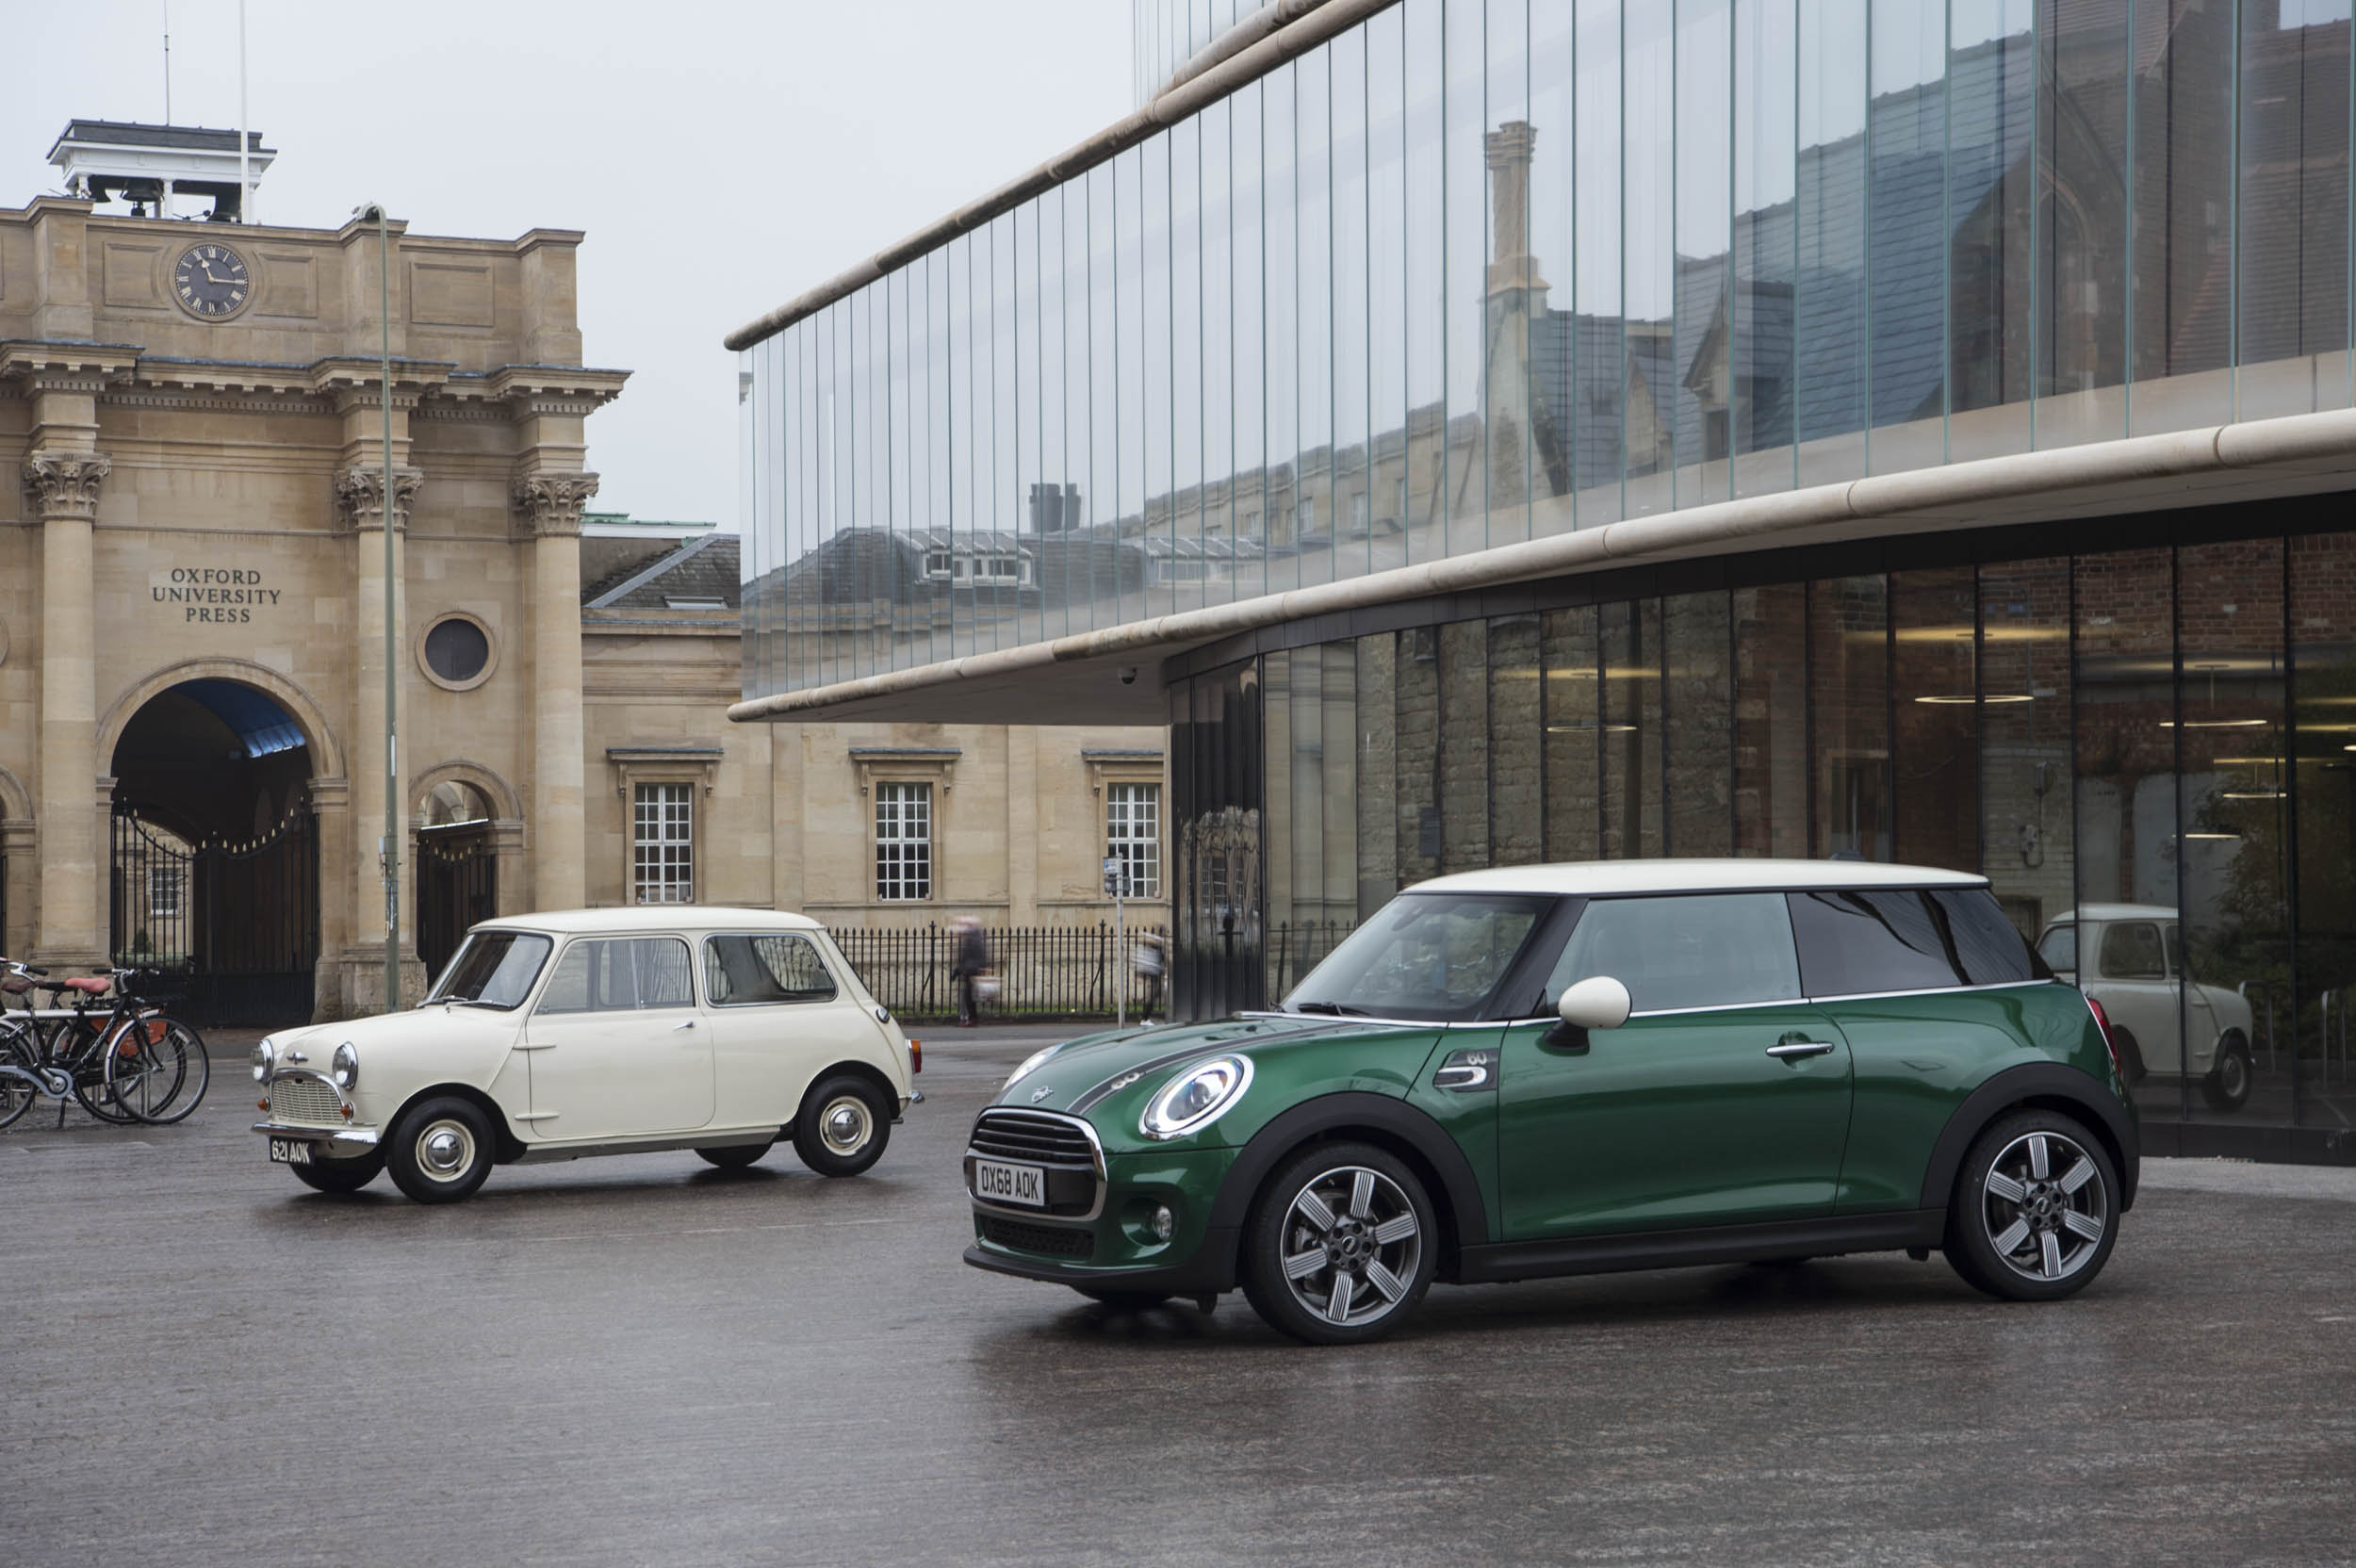 1959 Morris Mini-Minor with 60th anniversary Mini Cooper